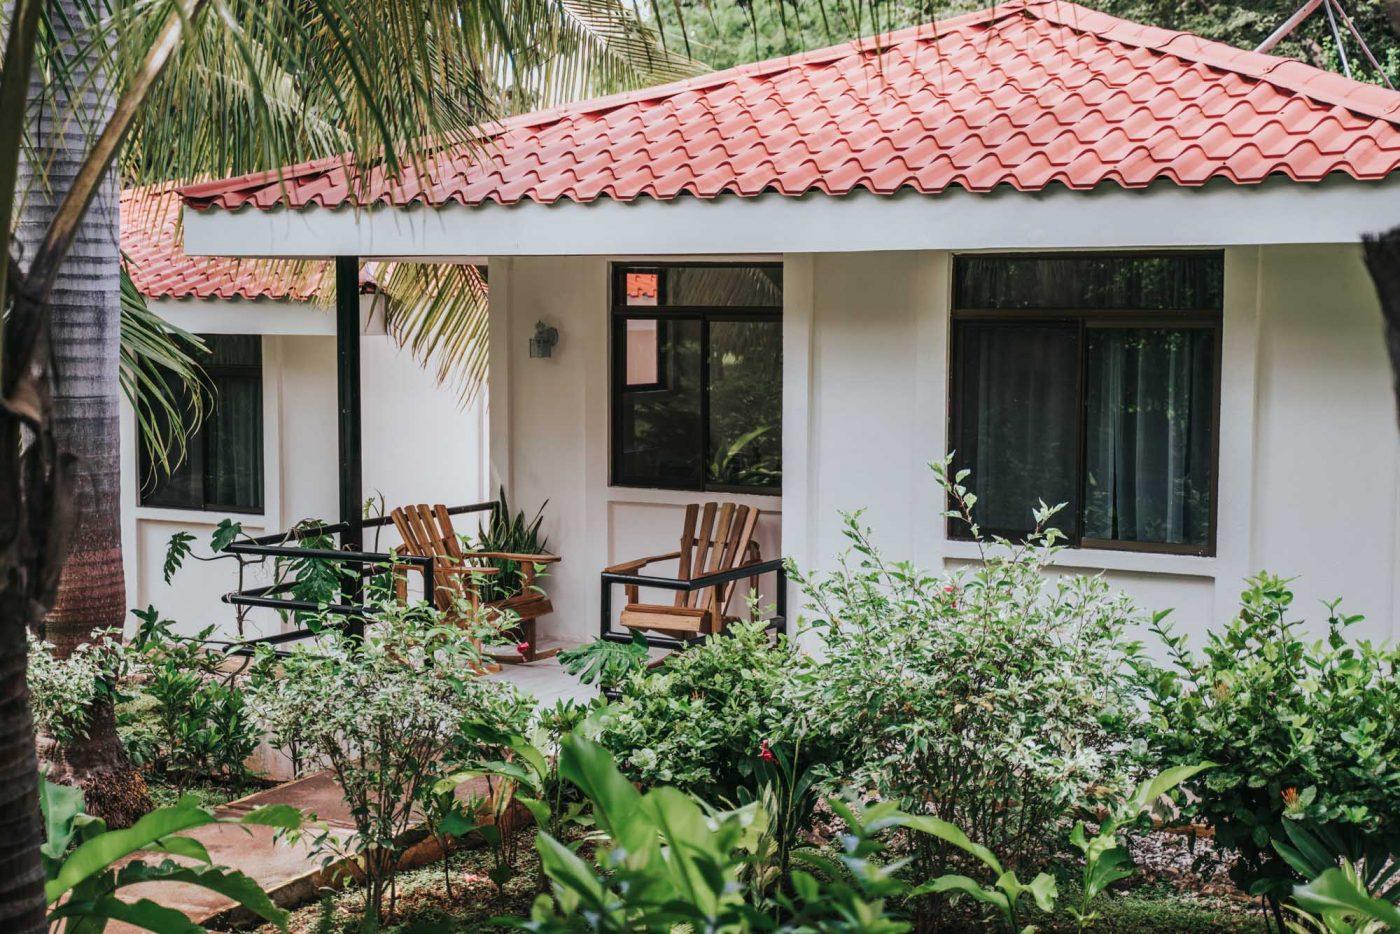 All inclusive Drift Away Eco Lodge in Costa Rica